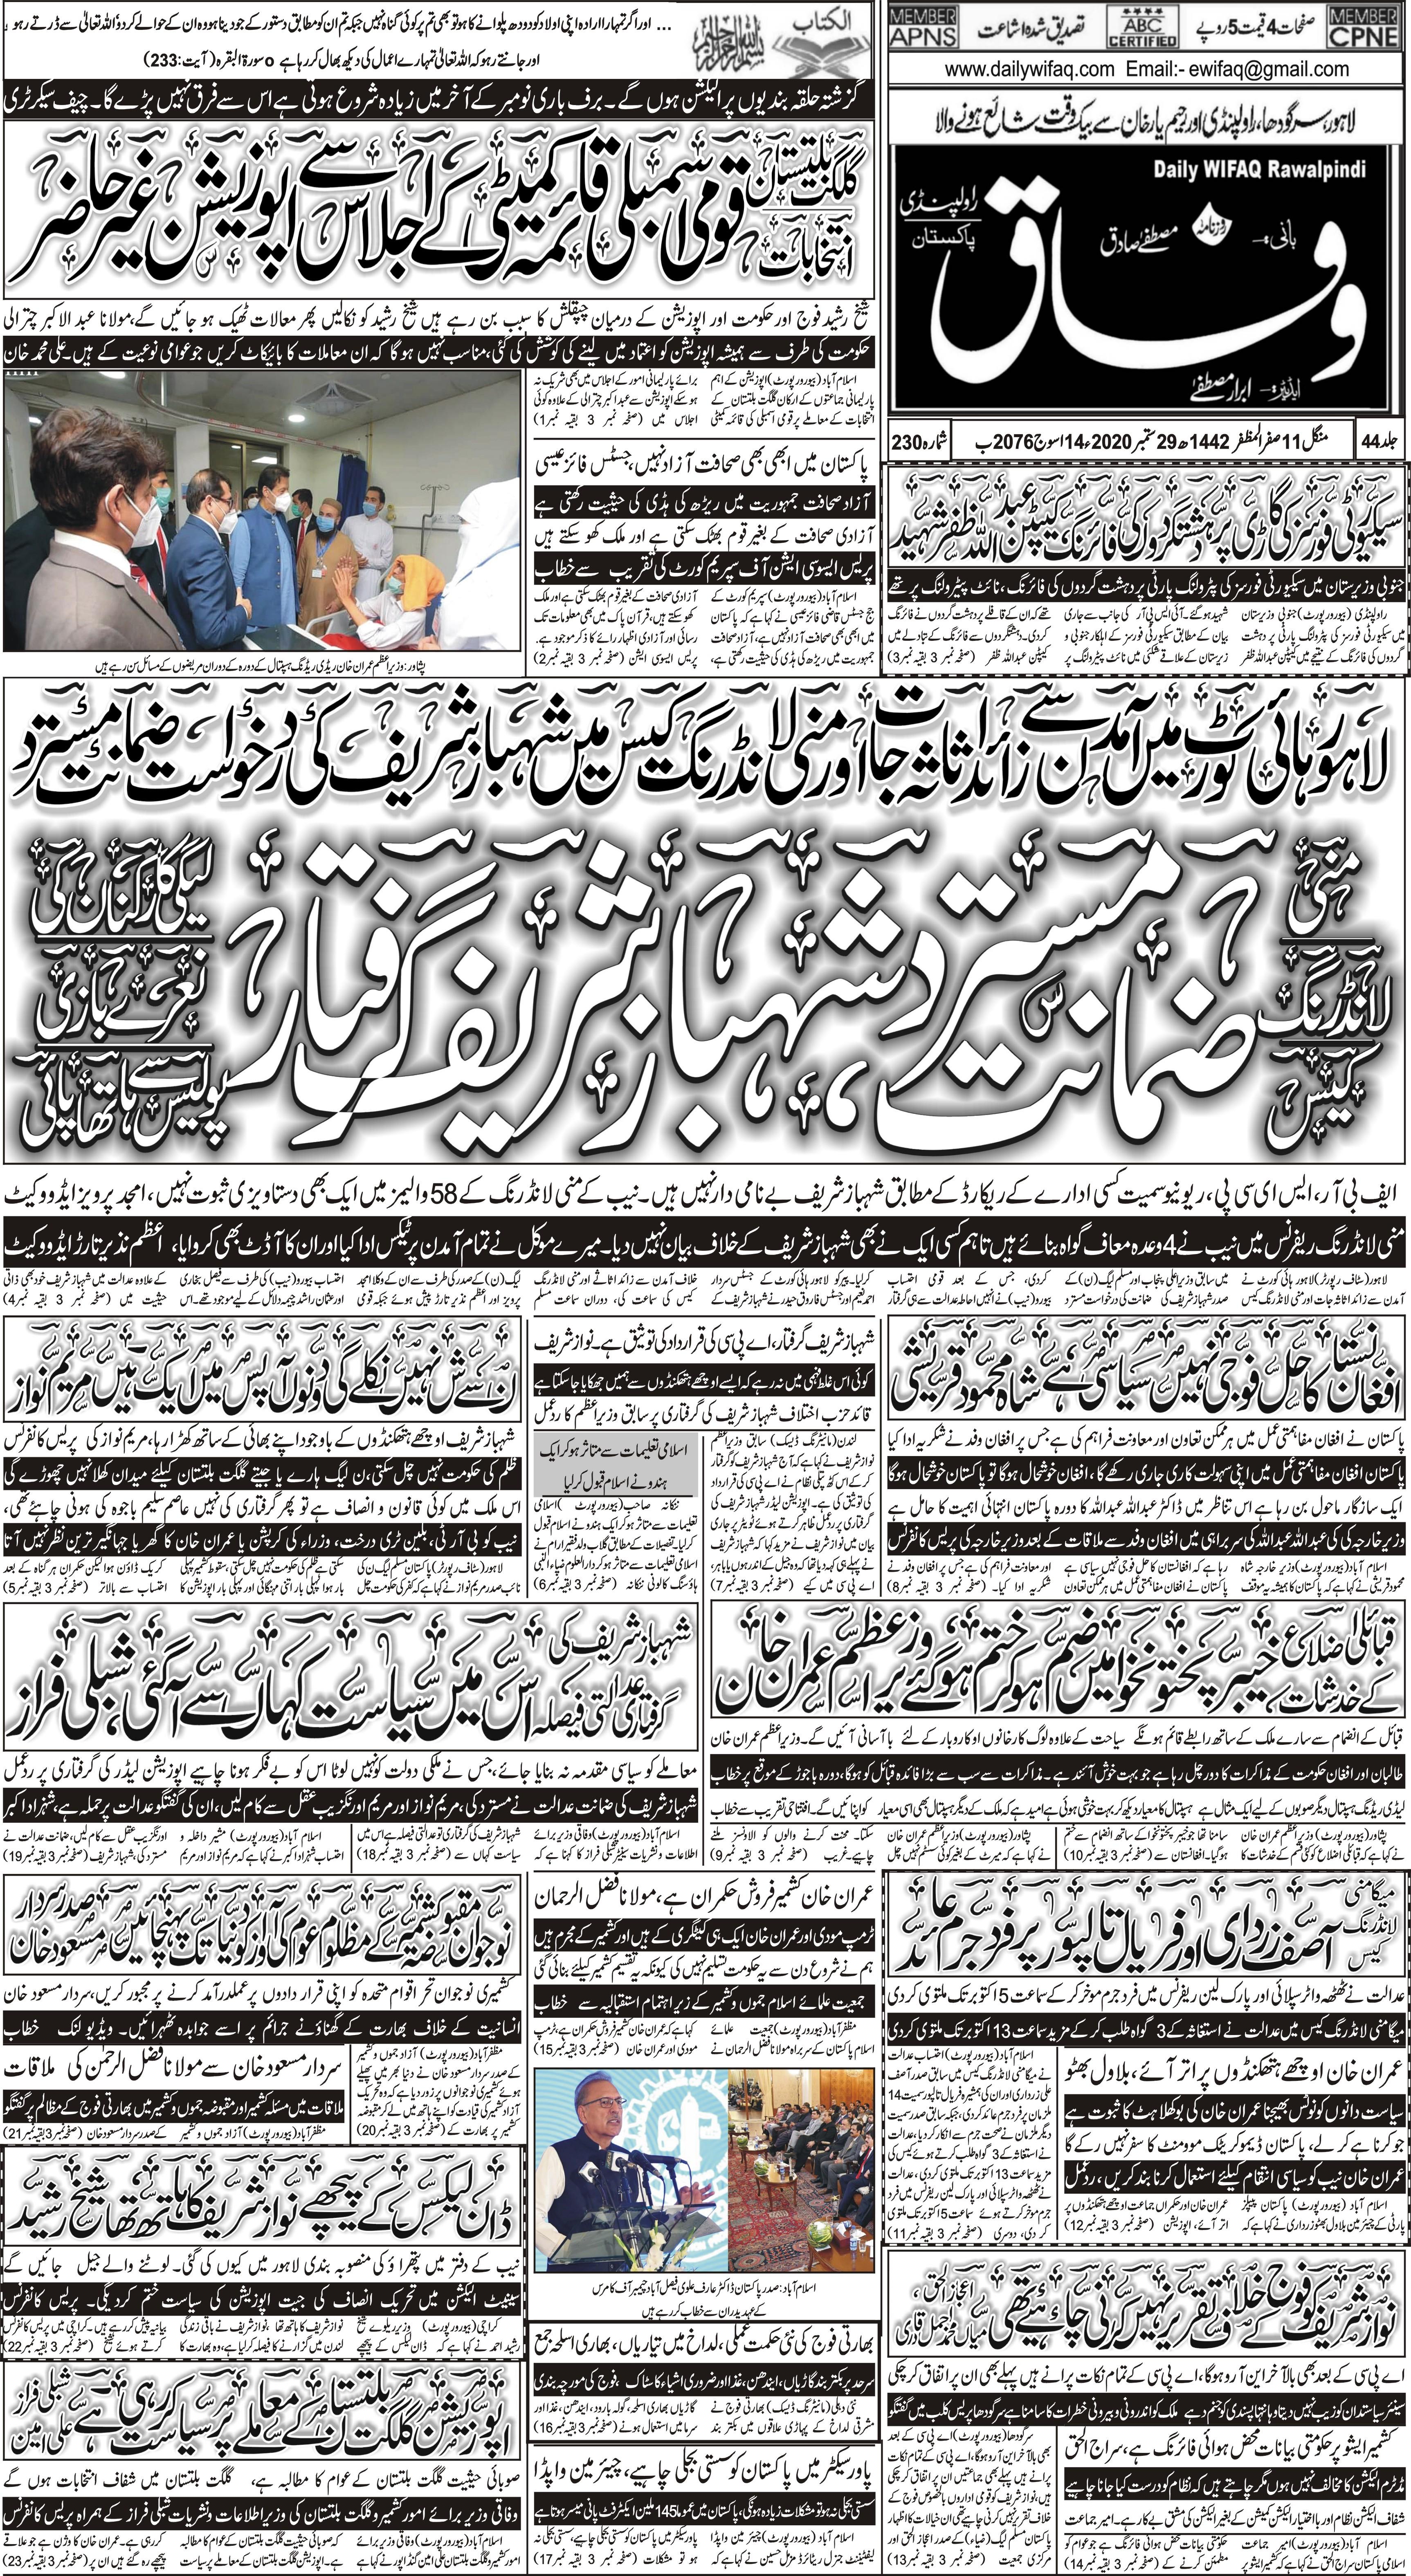 e-Paper – Daily Wifaq – Rawalpindi – 29-09-2020